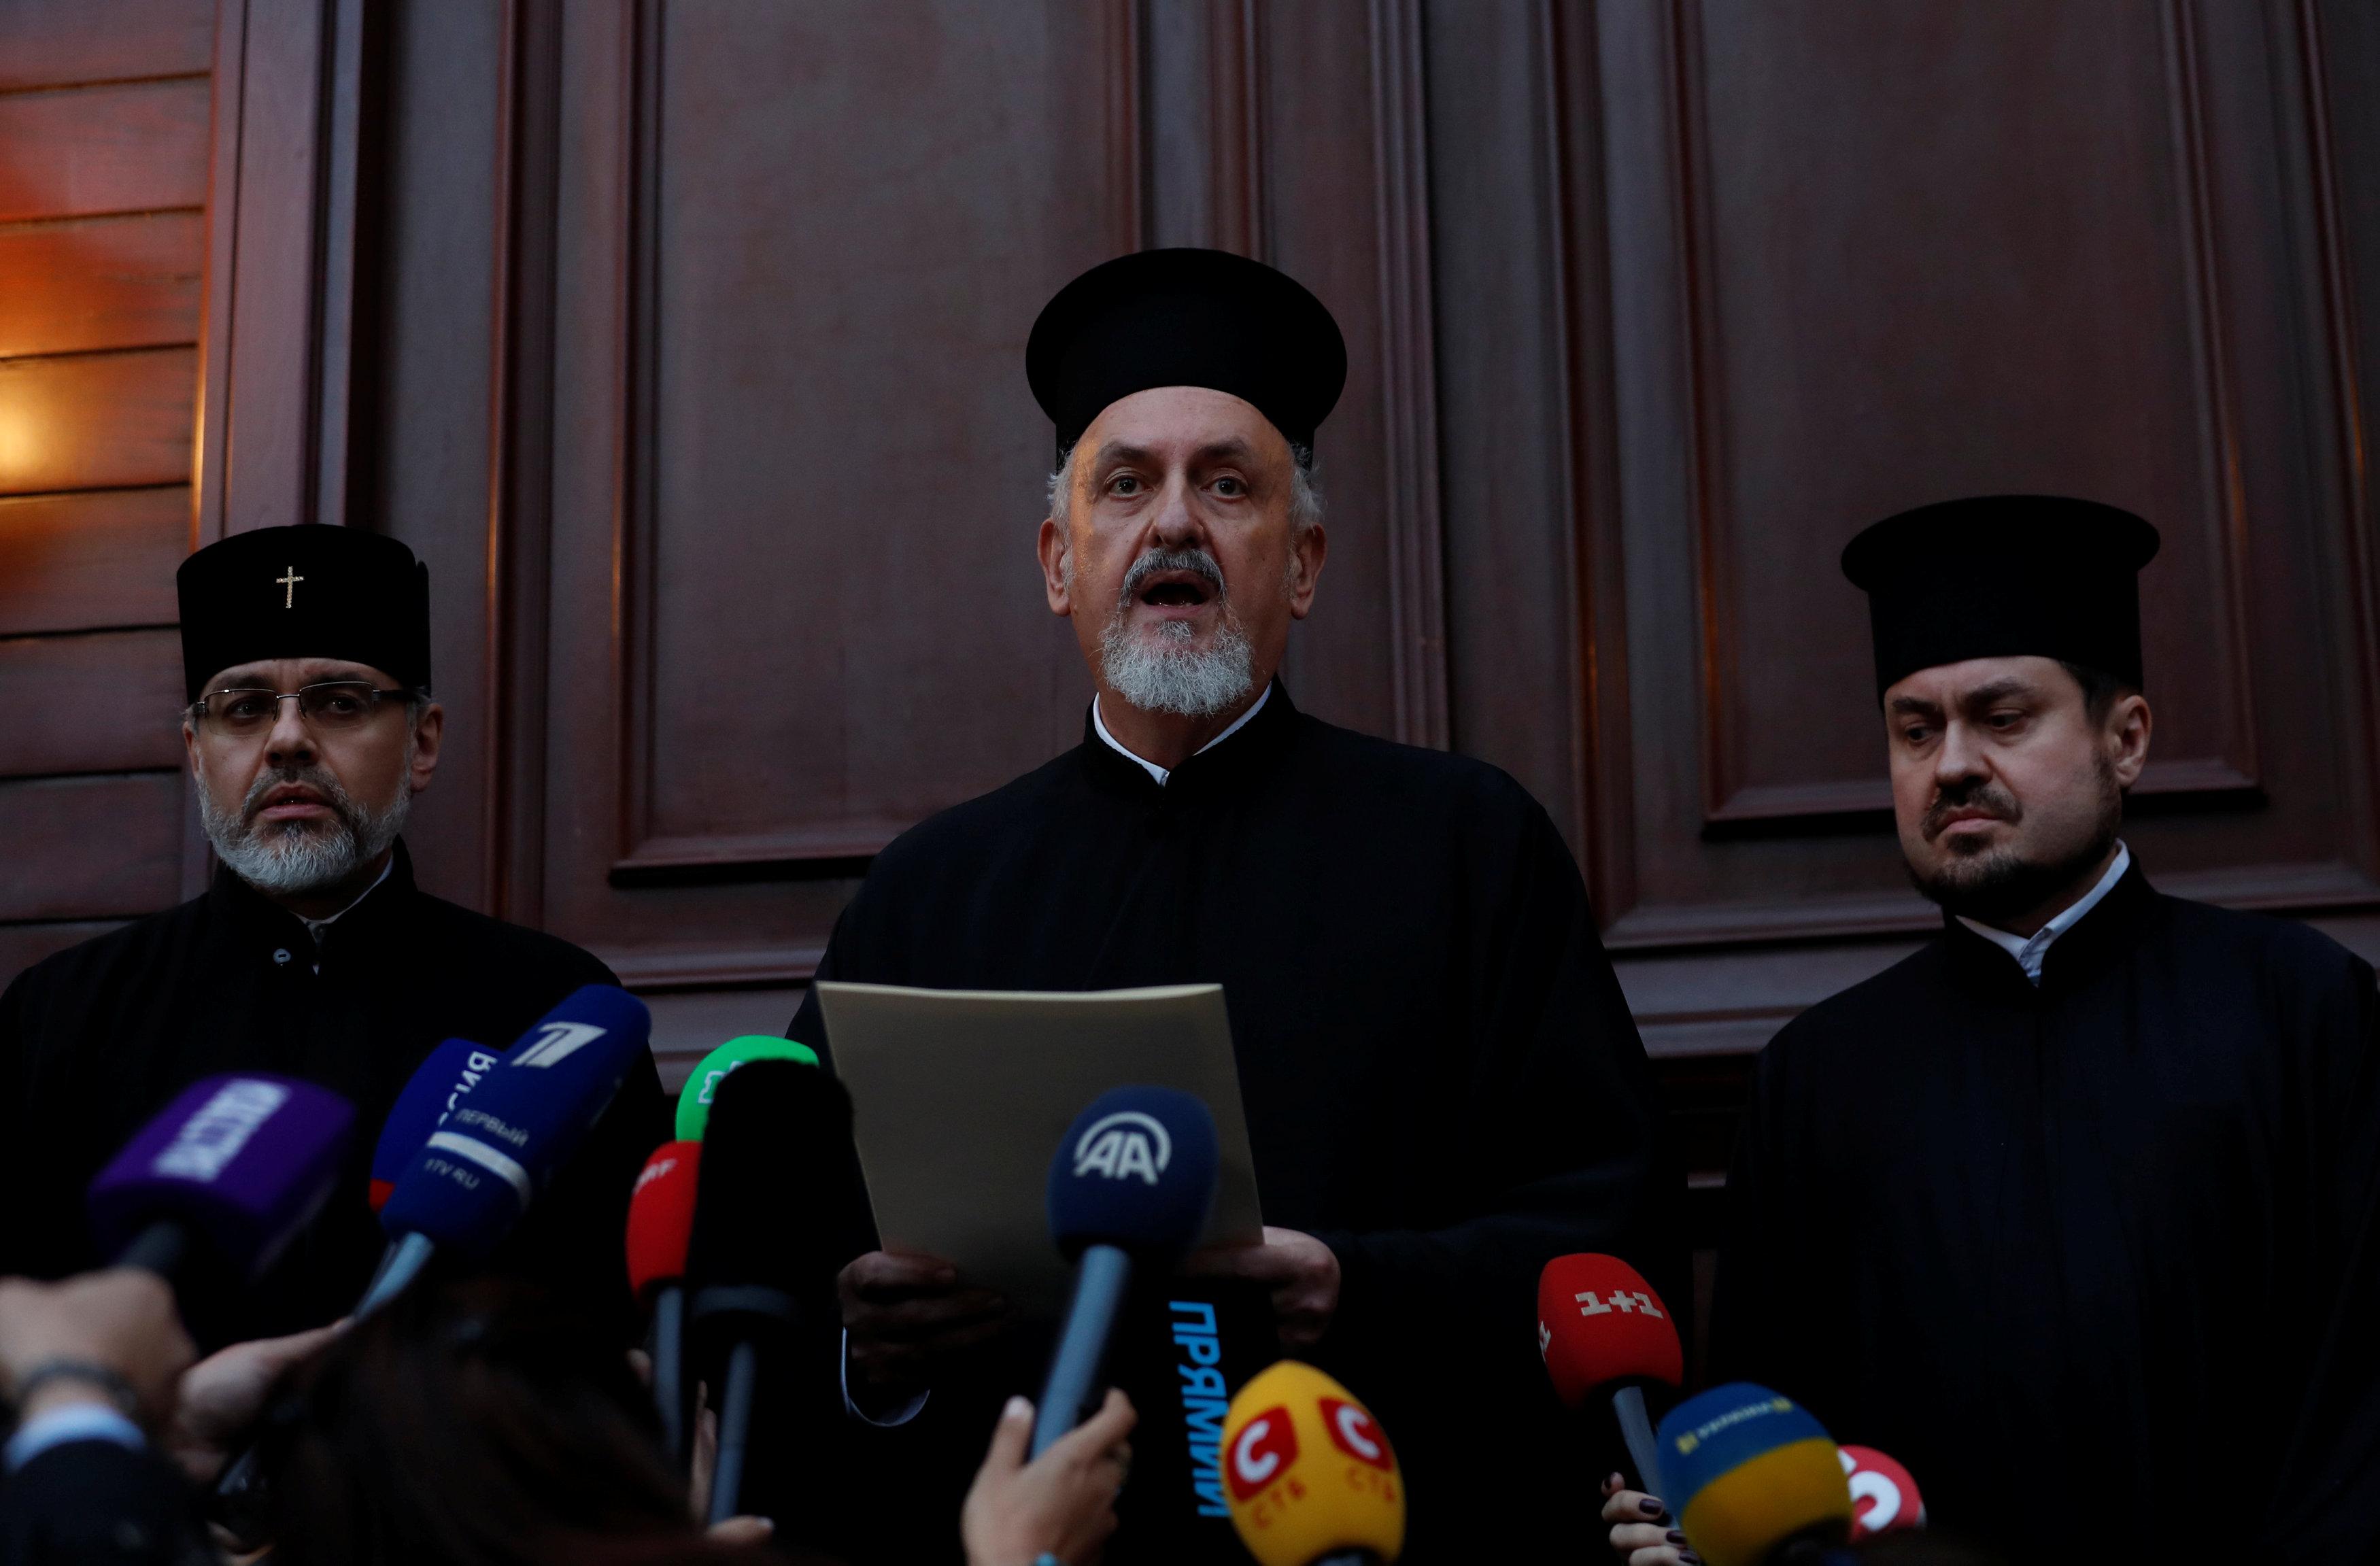 Представник Константинополя, митрополит Гальський Еммануїл оголосив журналістам рішення ухвалене Синодом / 11 жовтня 2018 року / Фото reuters